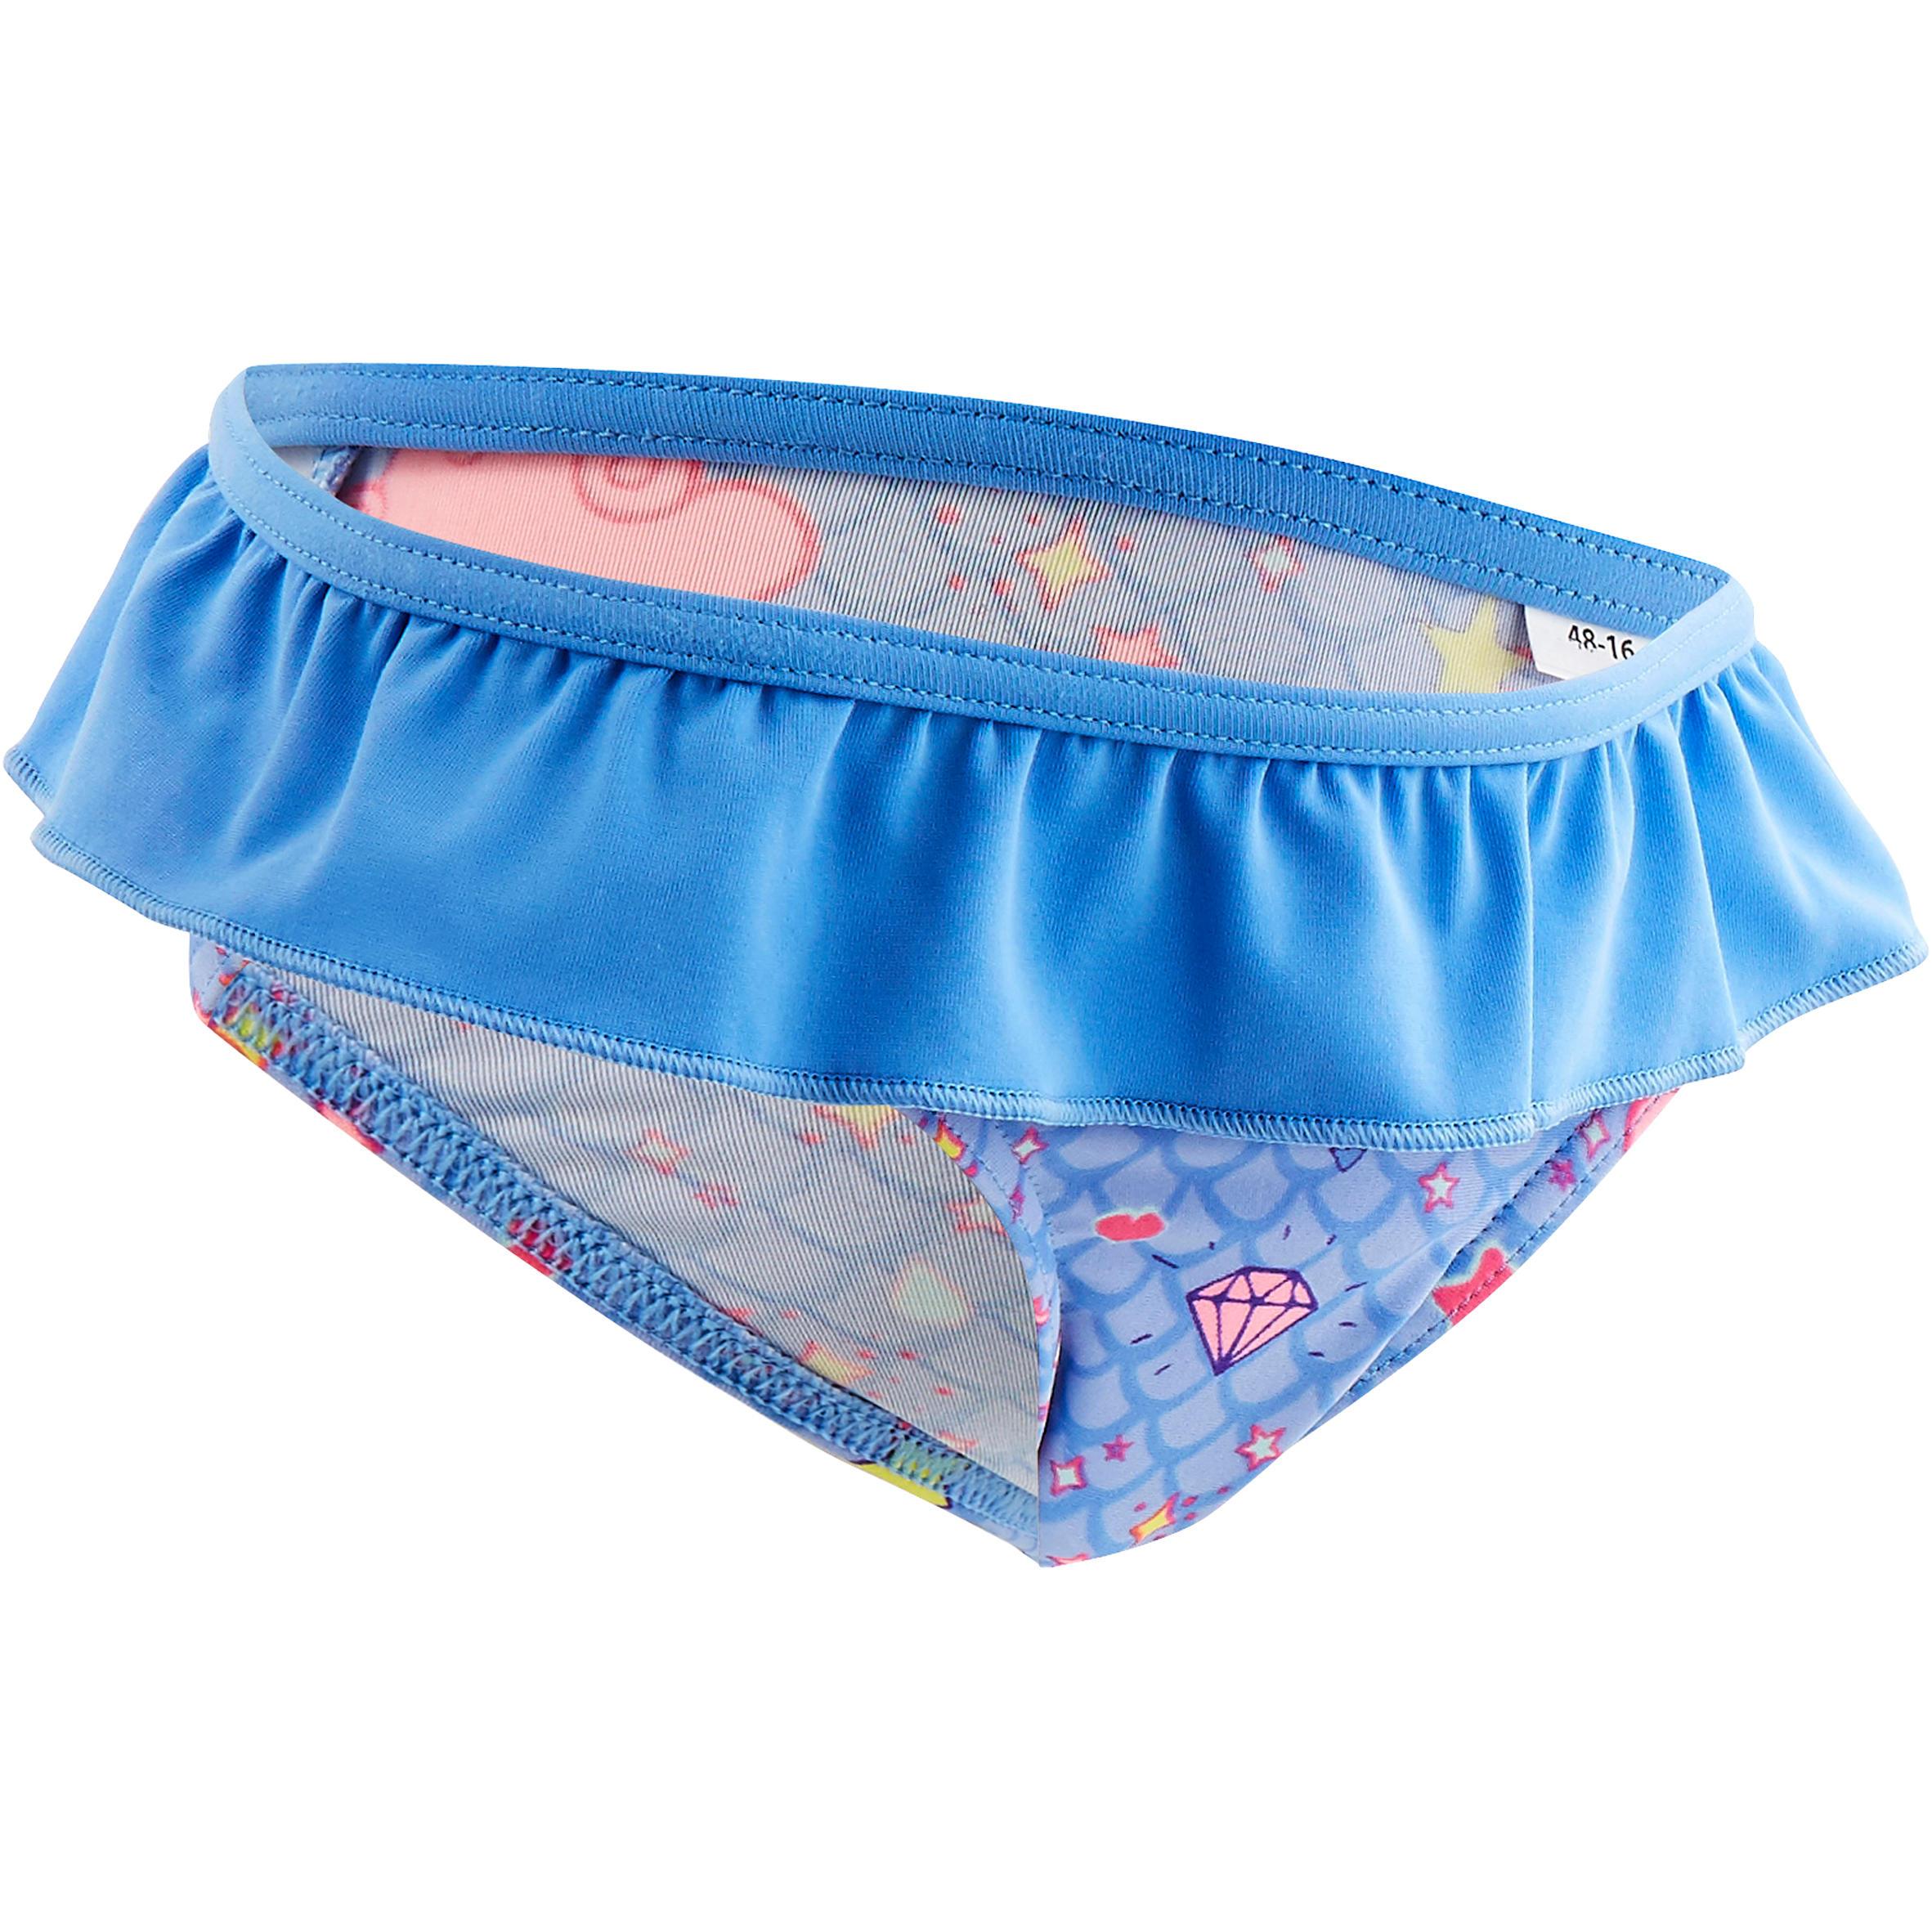 Traje de baño 1 pieza panty bebé niña azul estampado